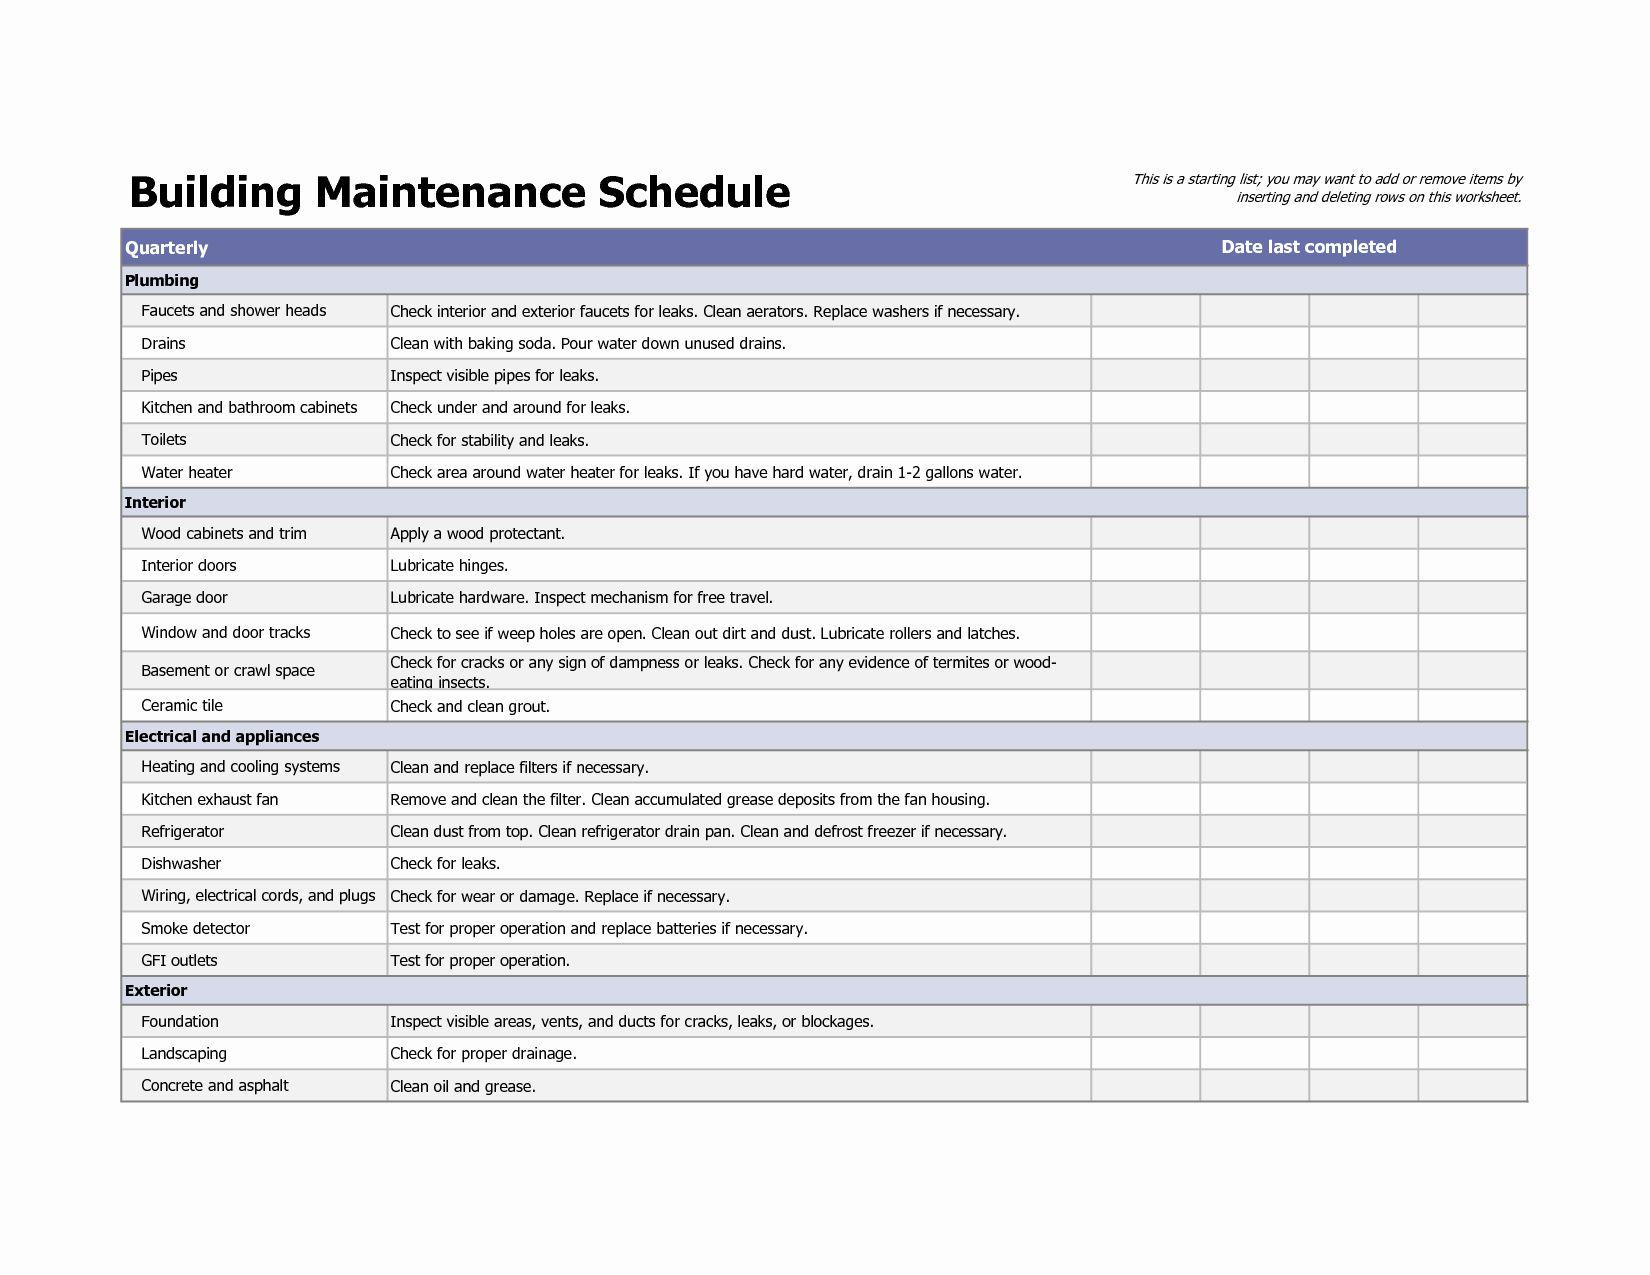 Building Maintenance Schedule Template Fresh Building Maintenance Schedule Excel Template Building Maintenance Preventive Maintenance Maintenance Checklist